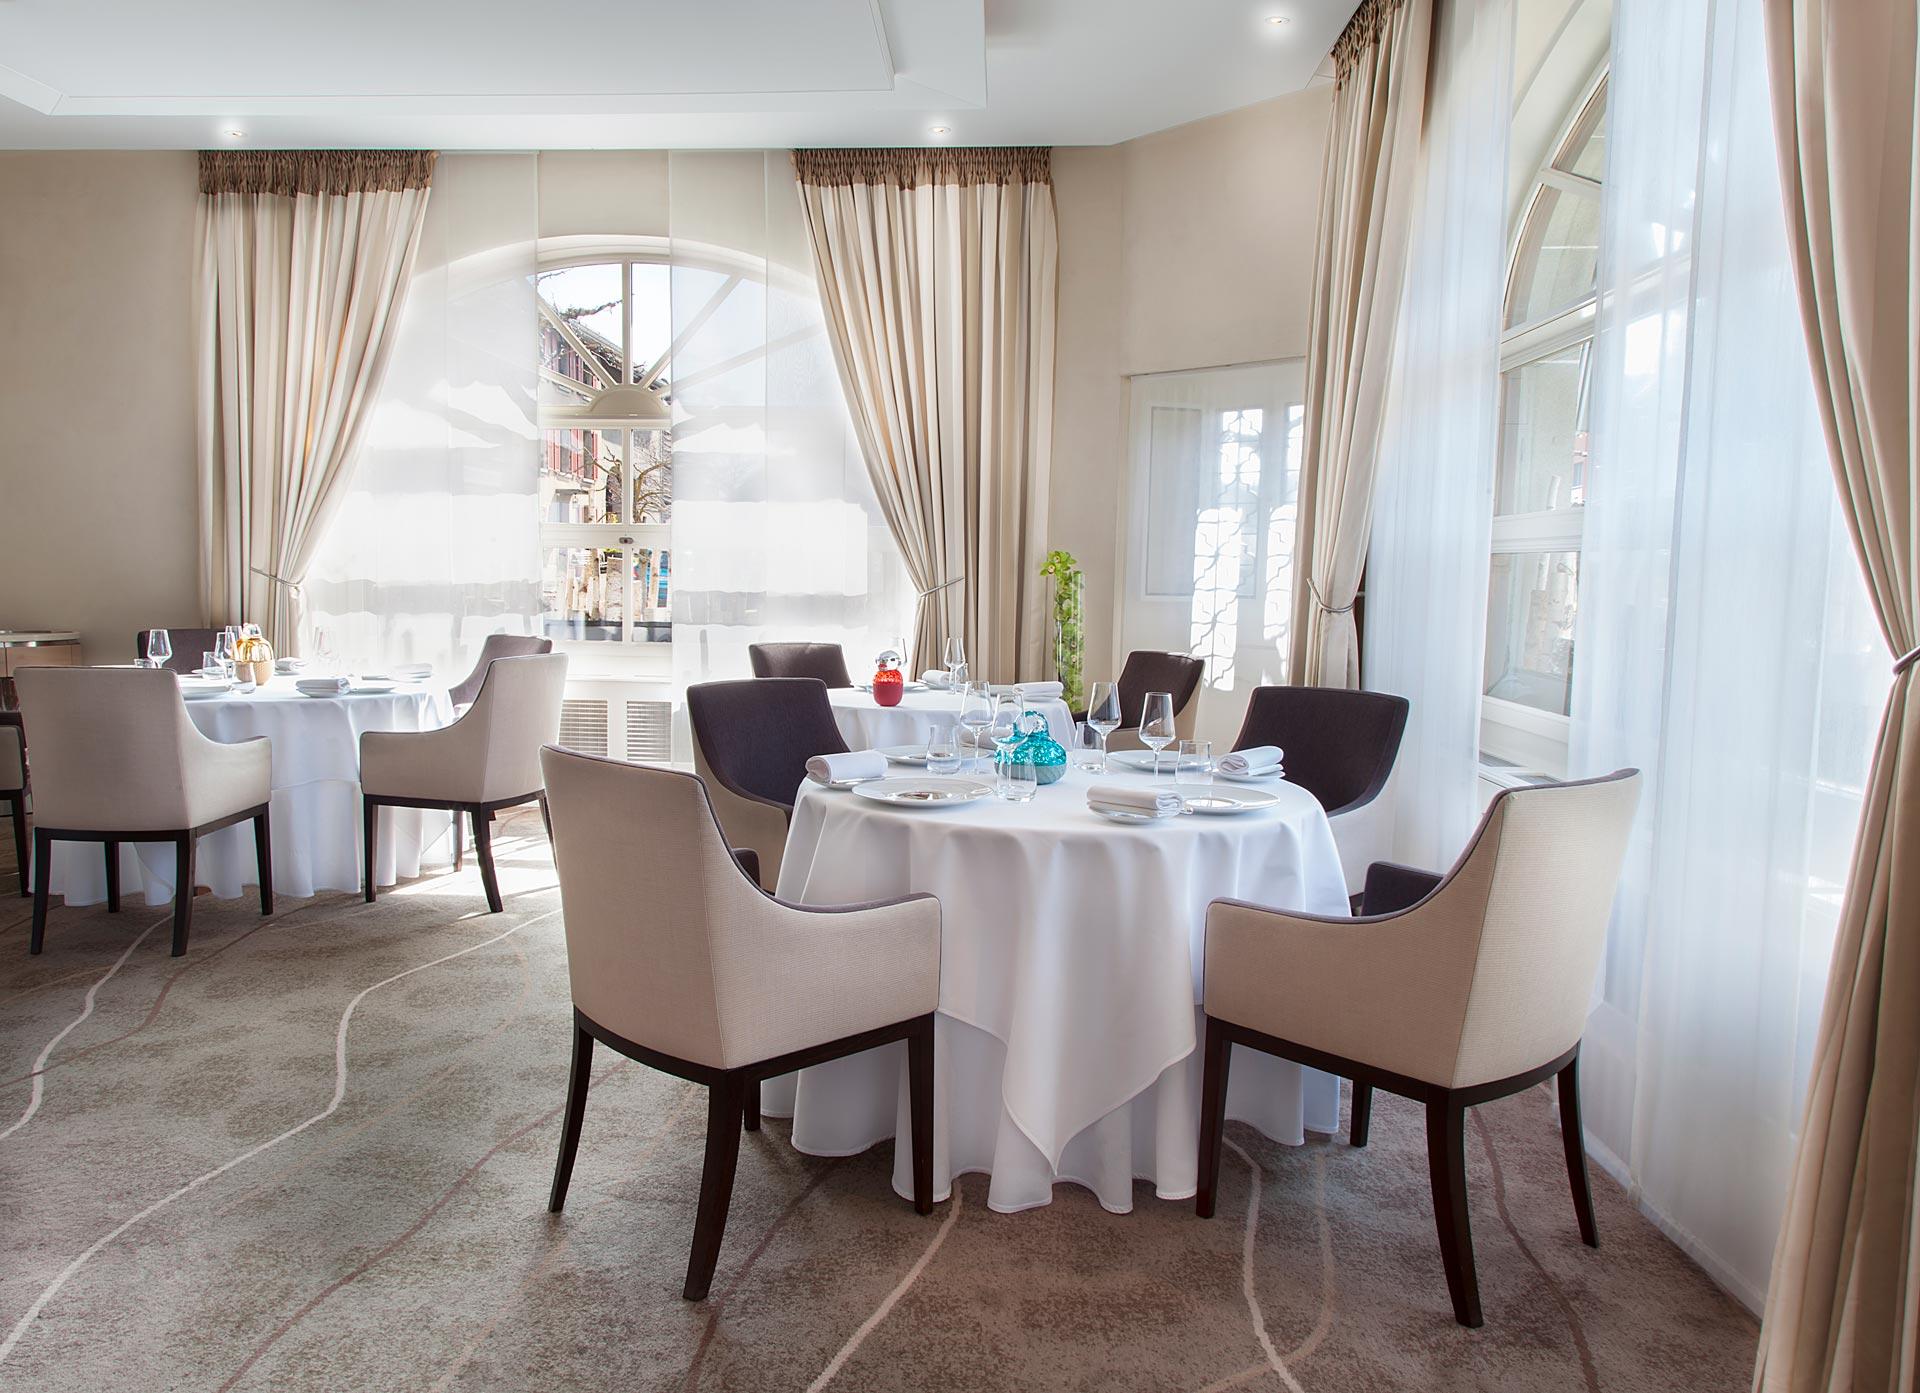 Ресторан Hôtel de Ville (Швейцария)